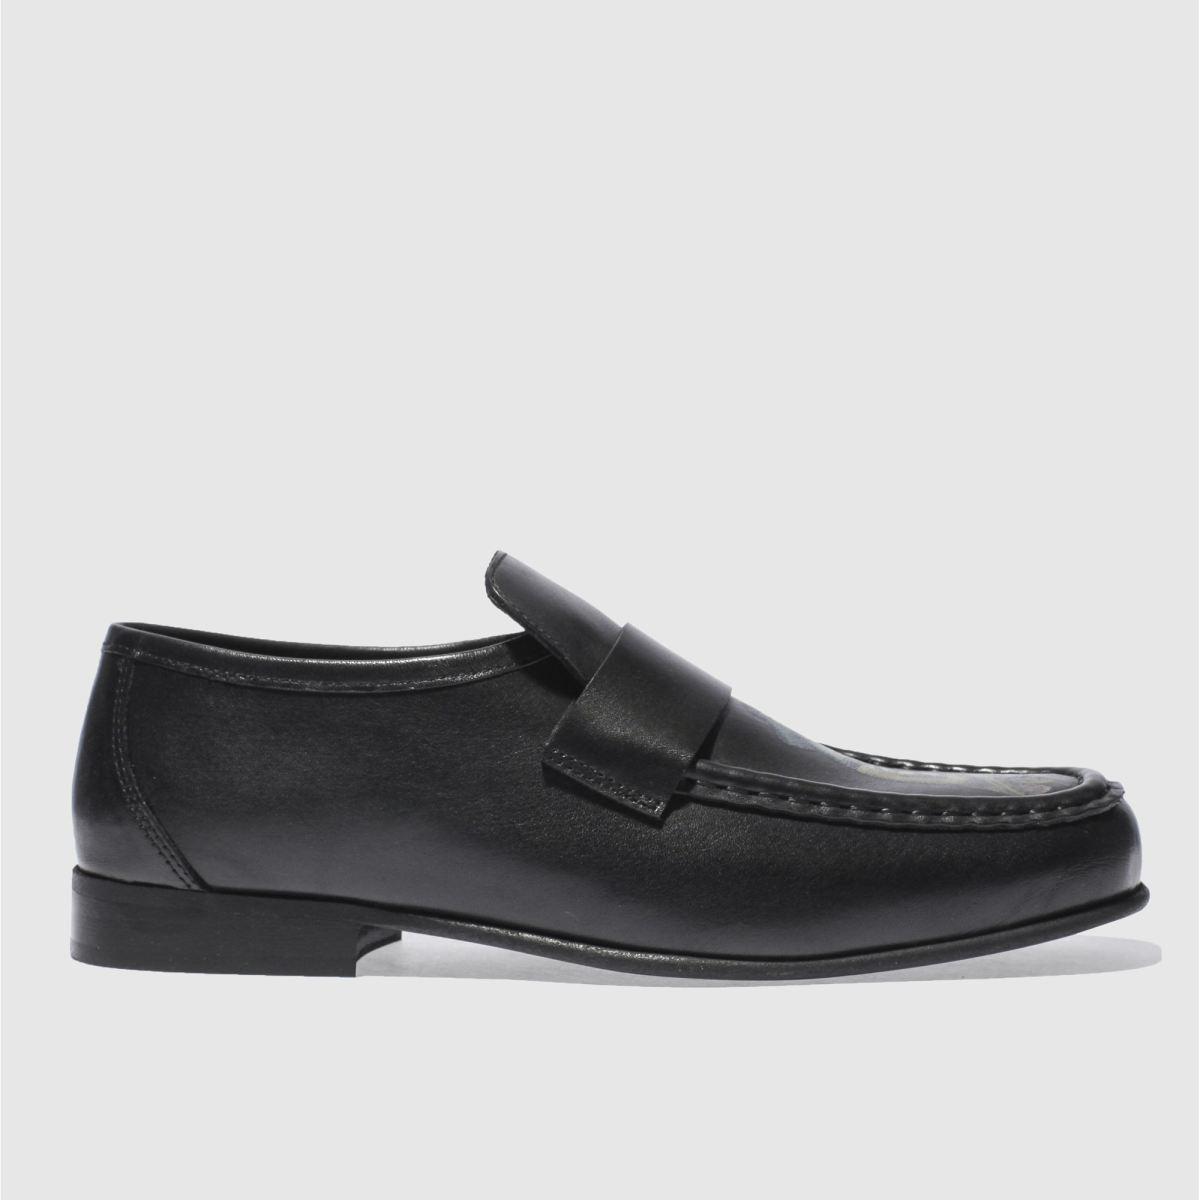 schuh black argent geisha shoes